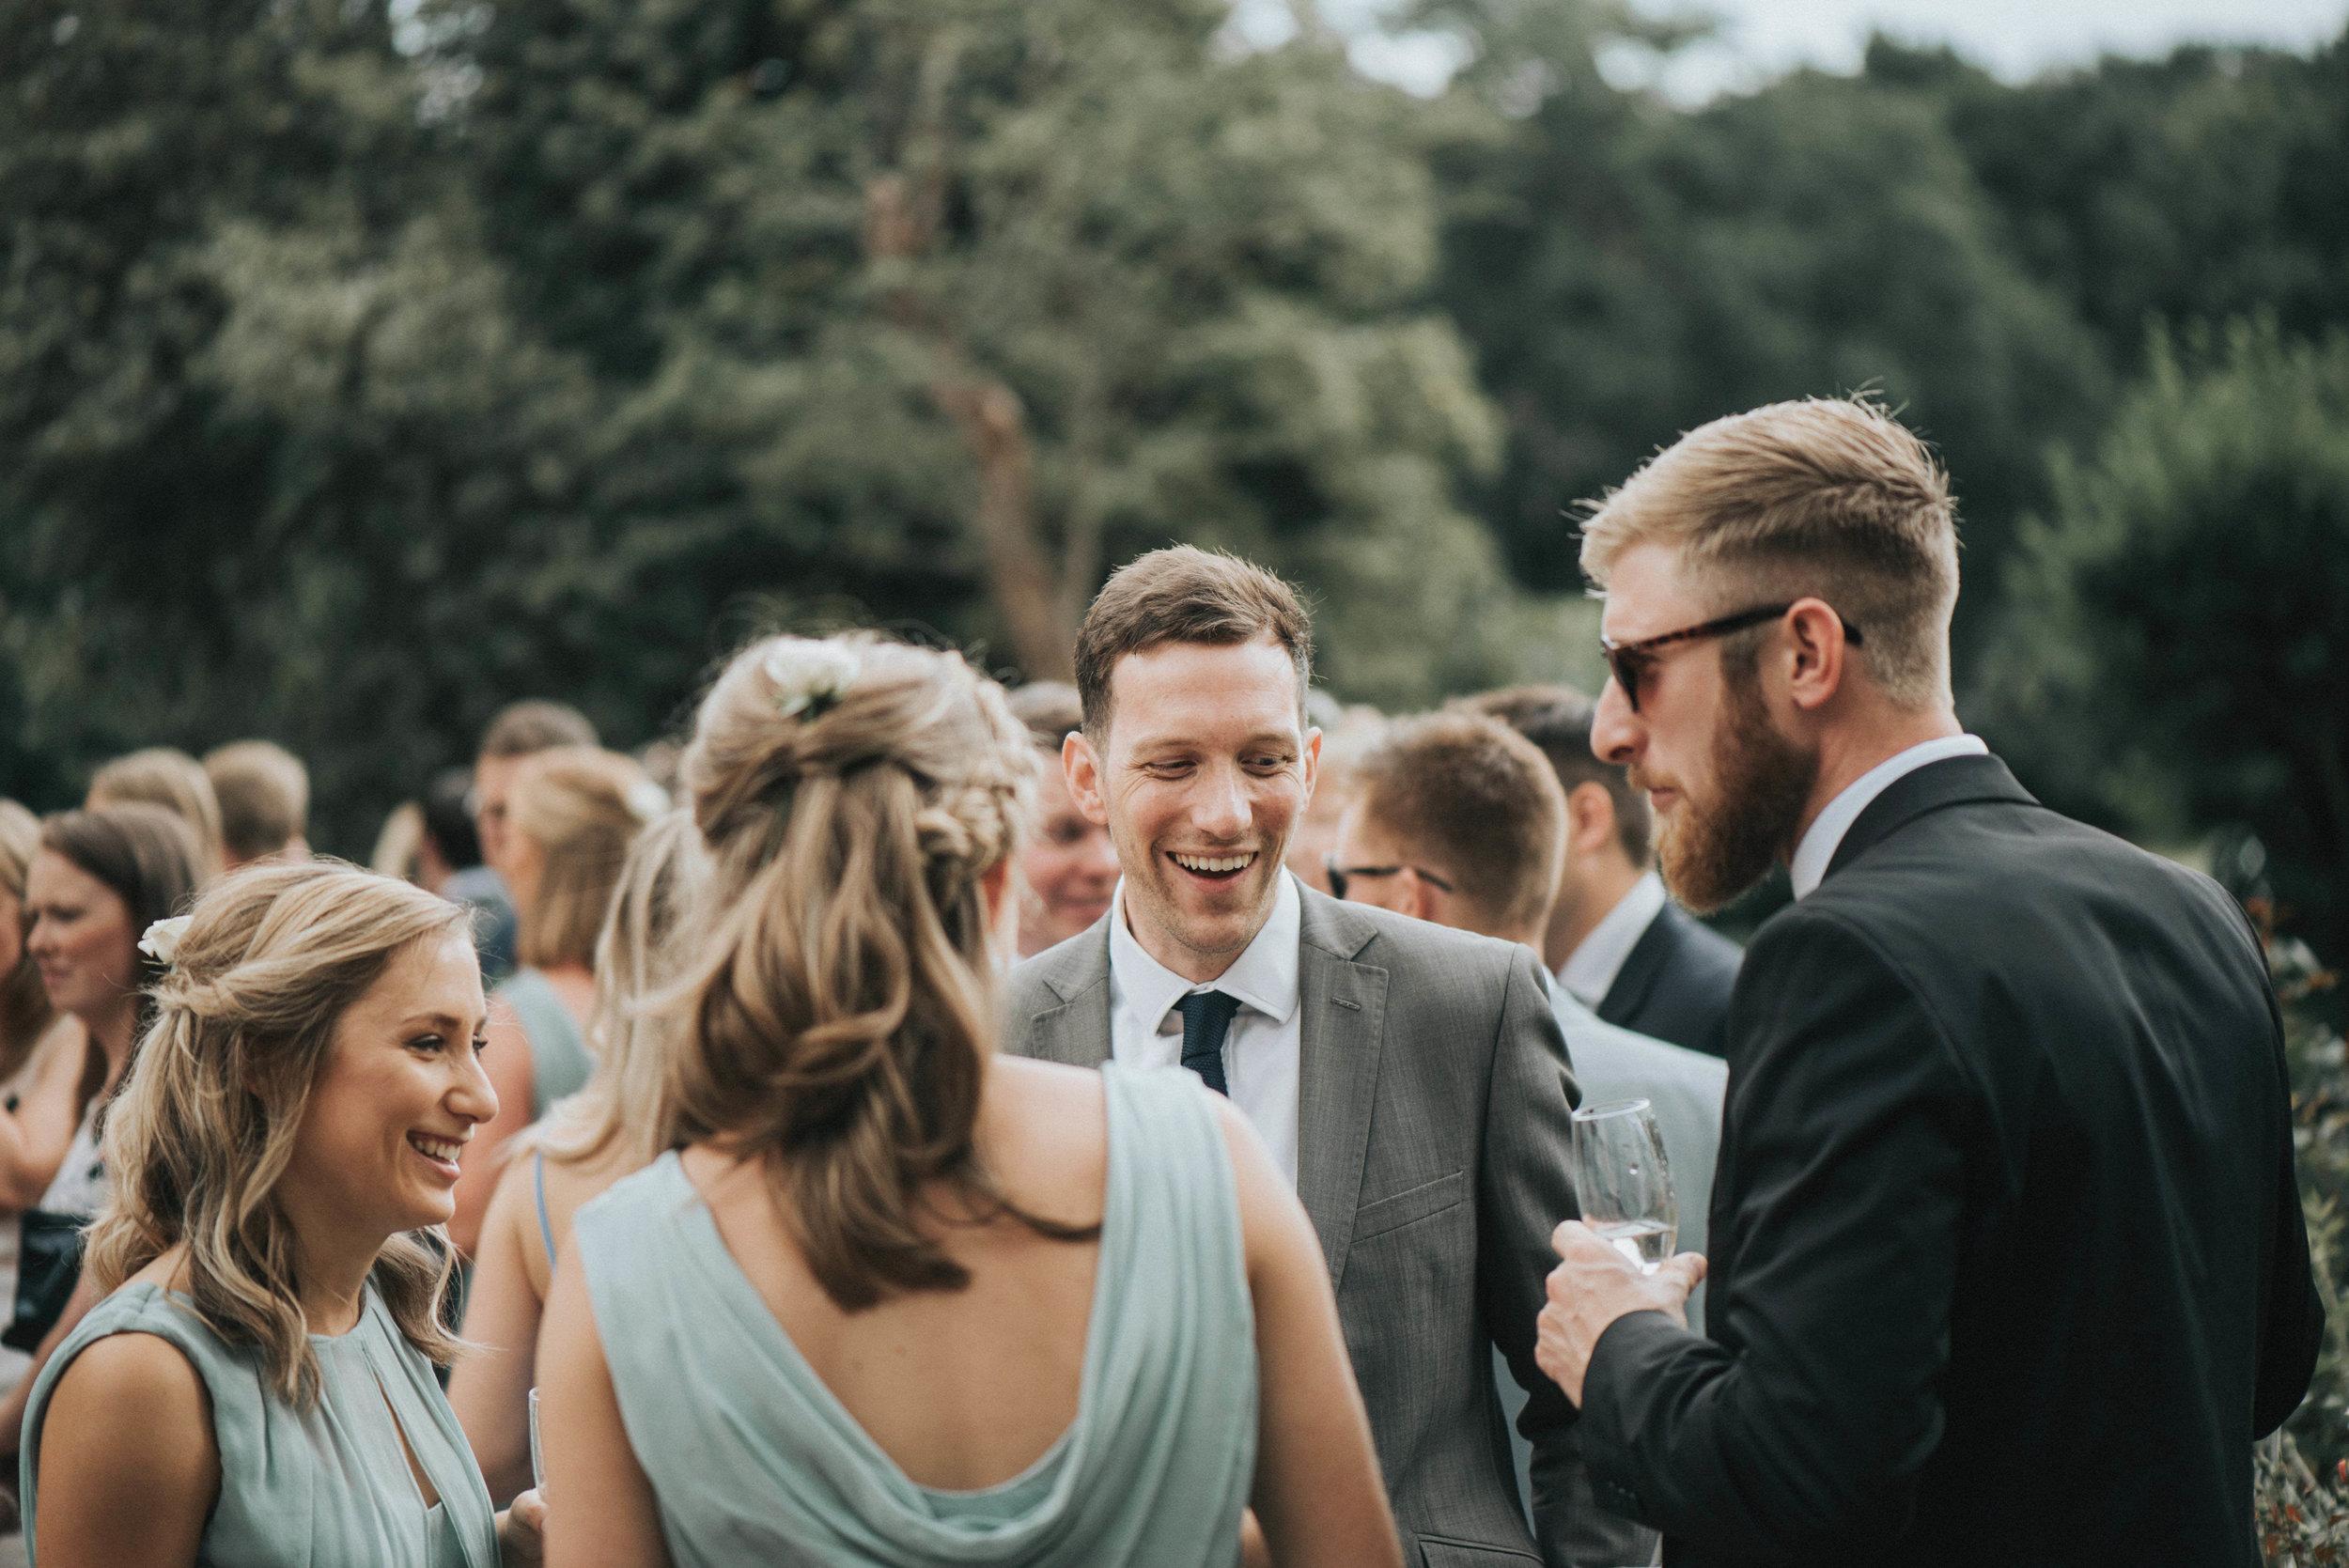 festival-farm-wedding-117.jpg